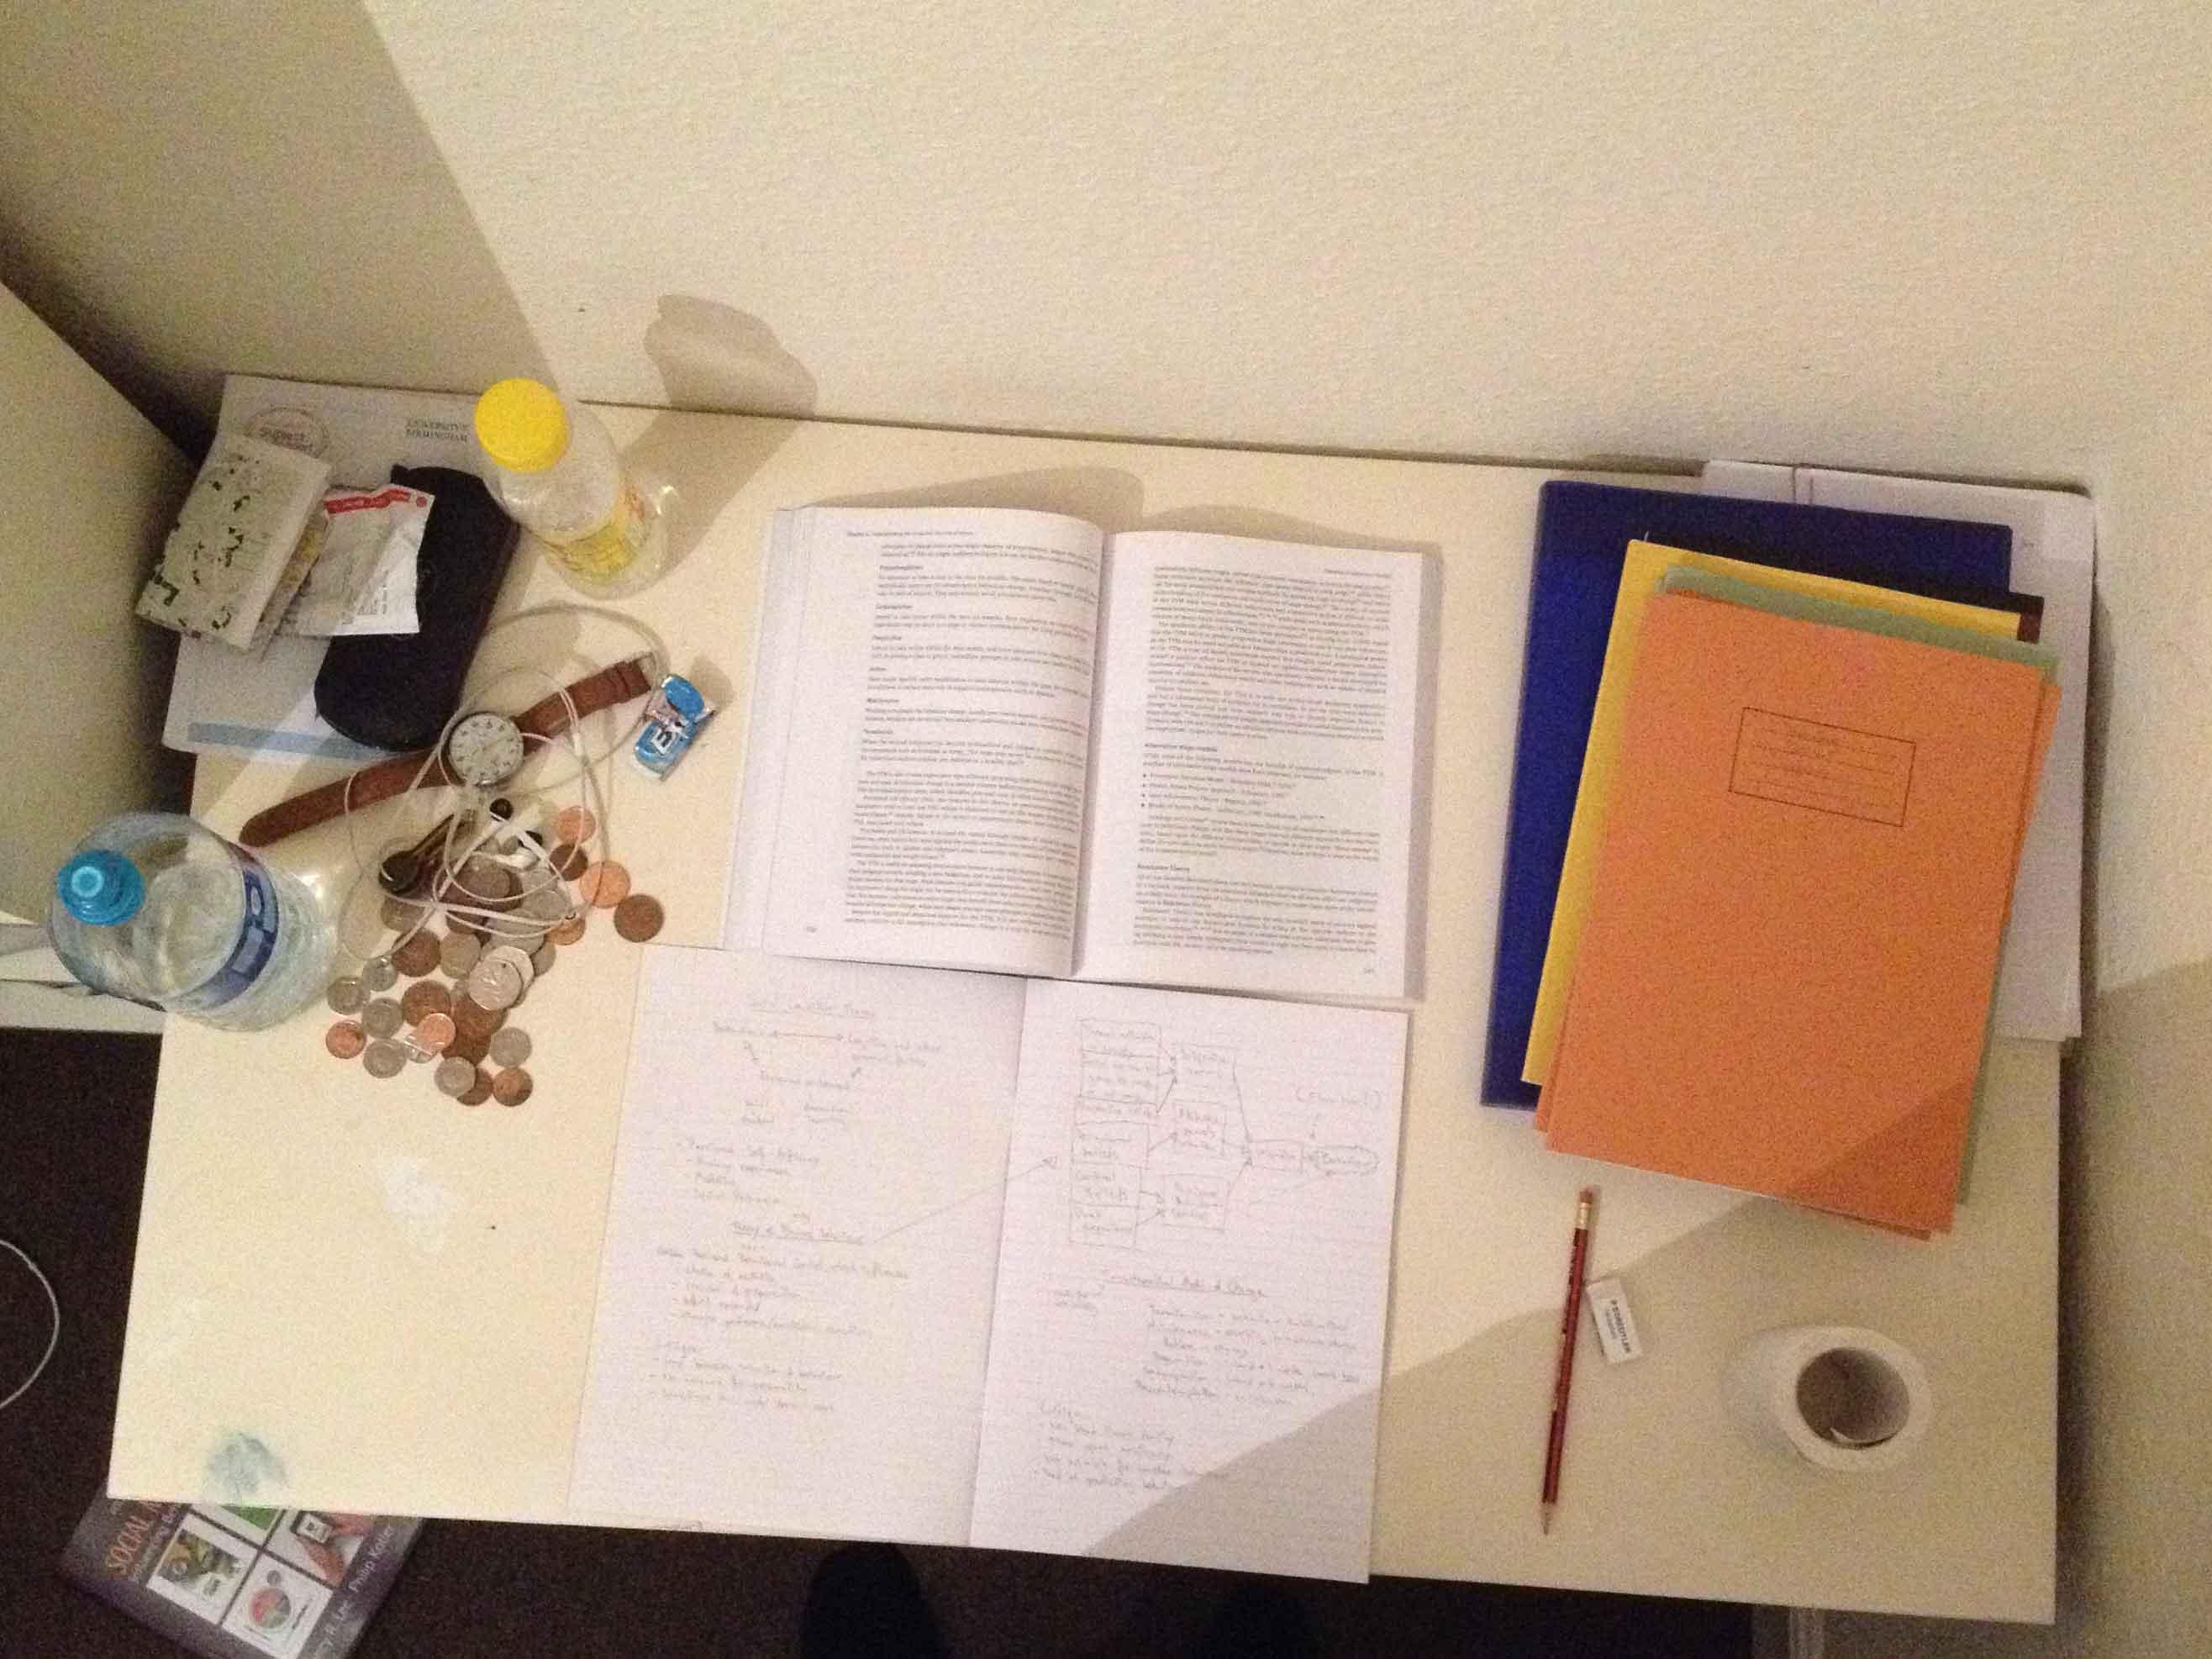 Ett skrivbord med en bok och anteckningsböcker.